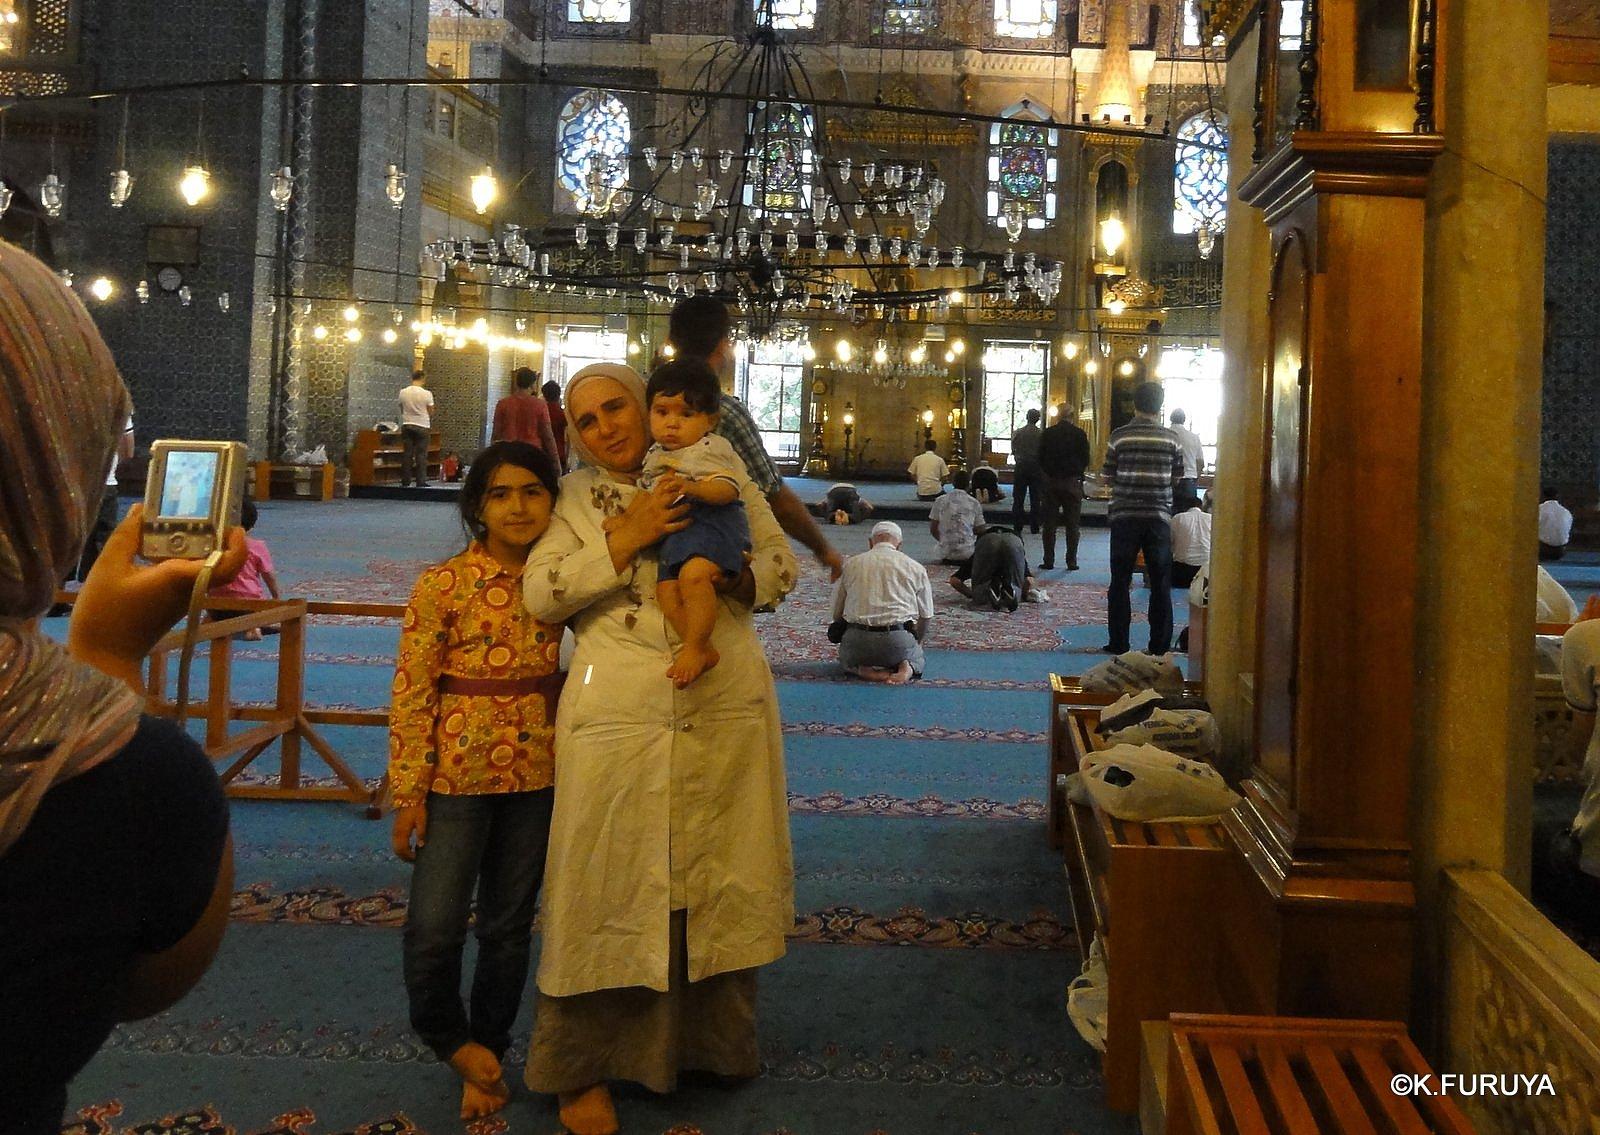 トルコ旅行記 37 イスタンブール旧市街その1_a0092659_1838292.jpg